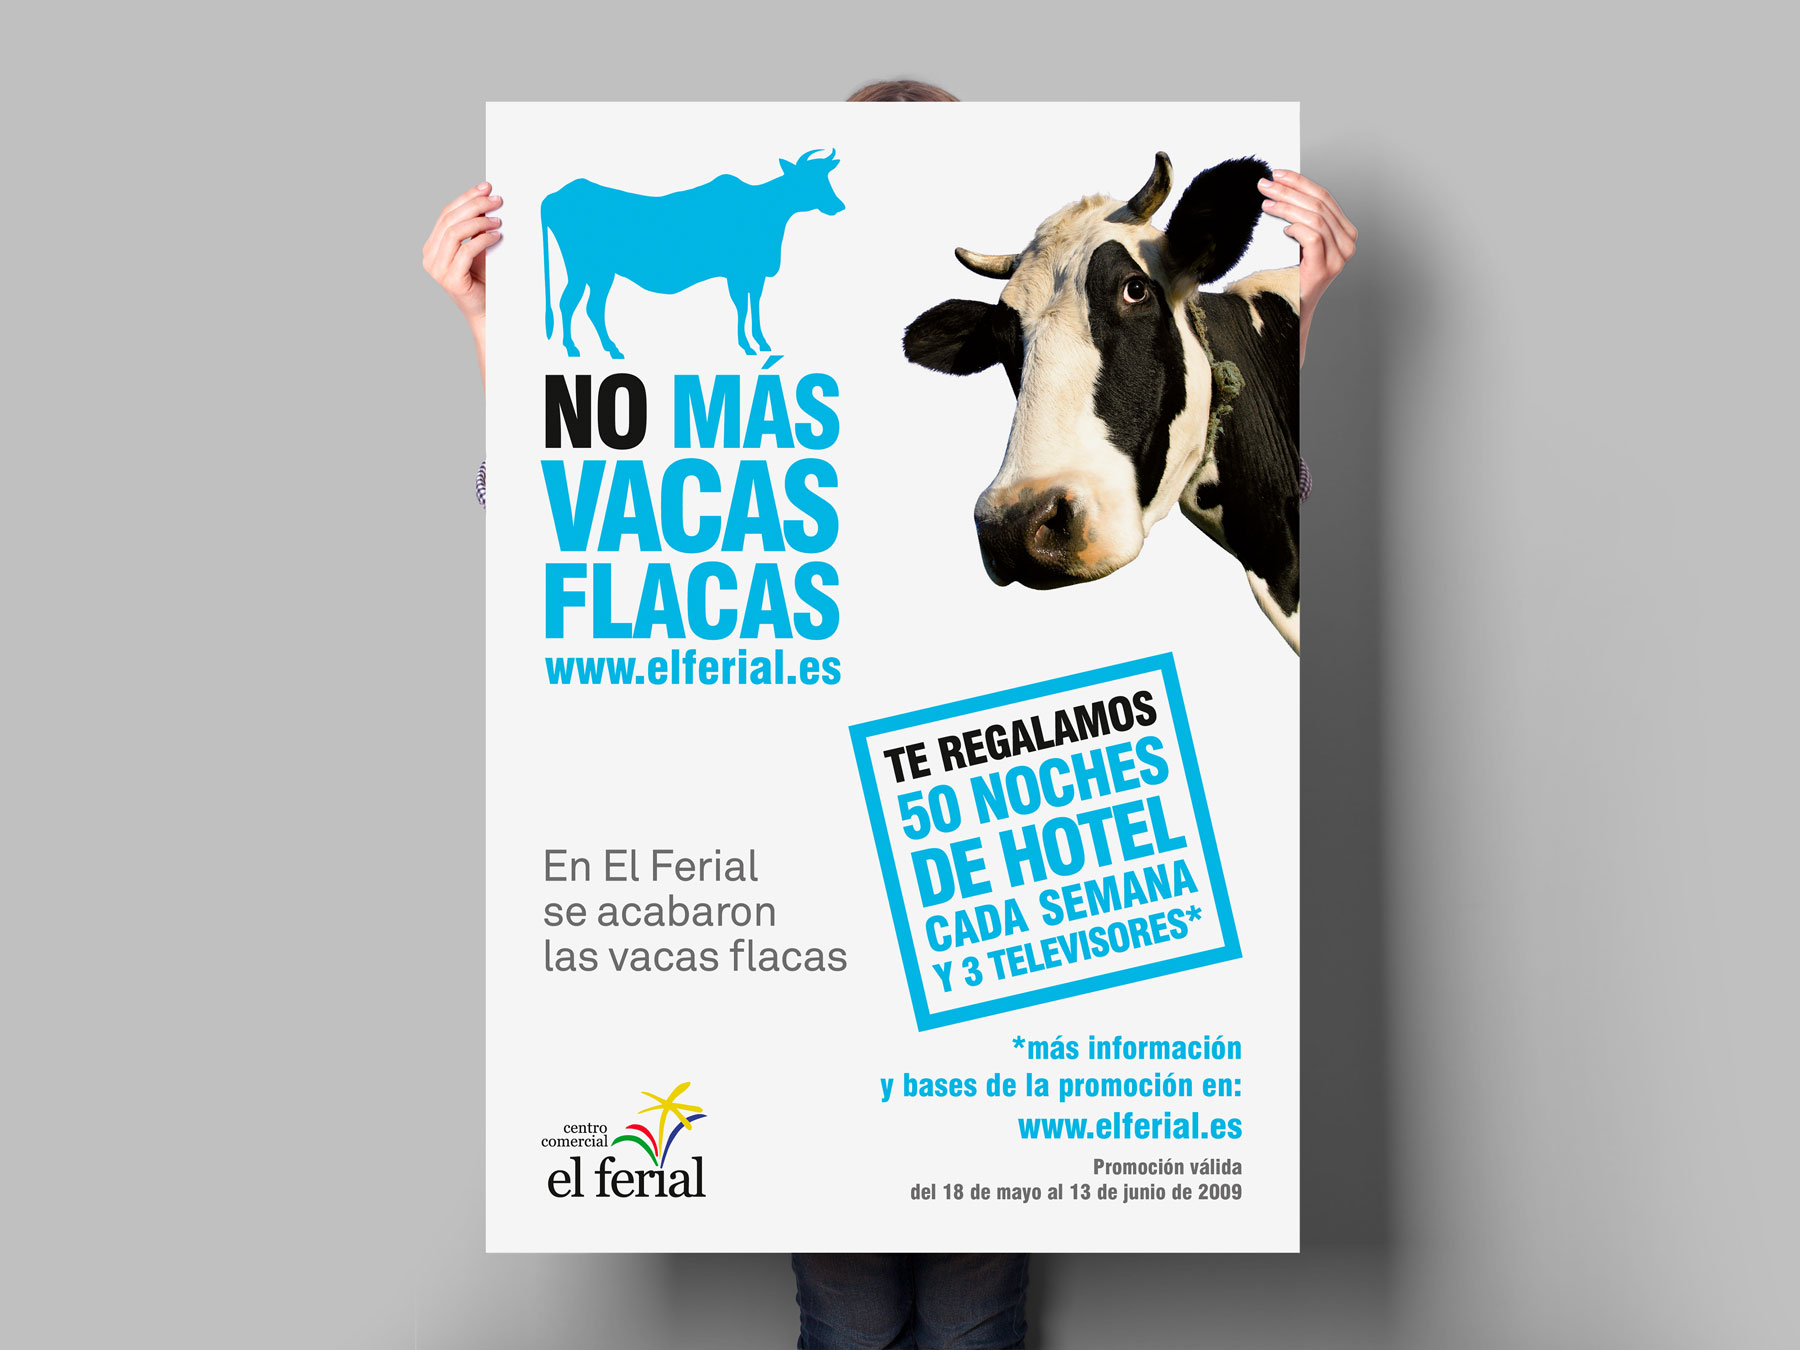 el_ferial_no_mas_vacas_flacas_cartel2